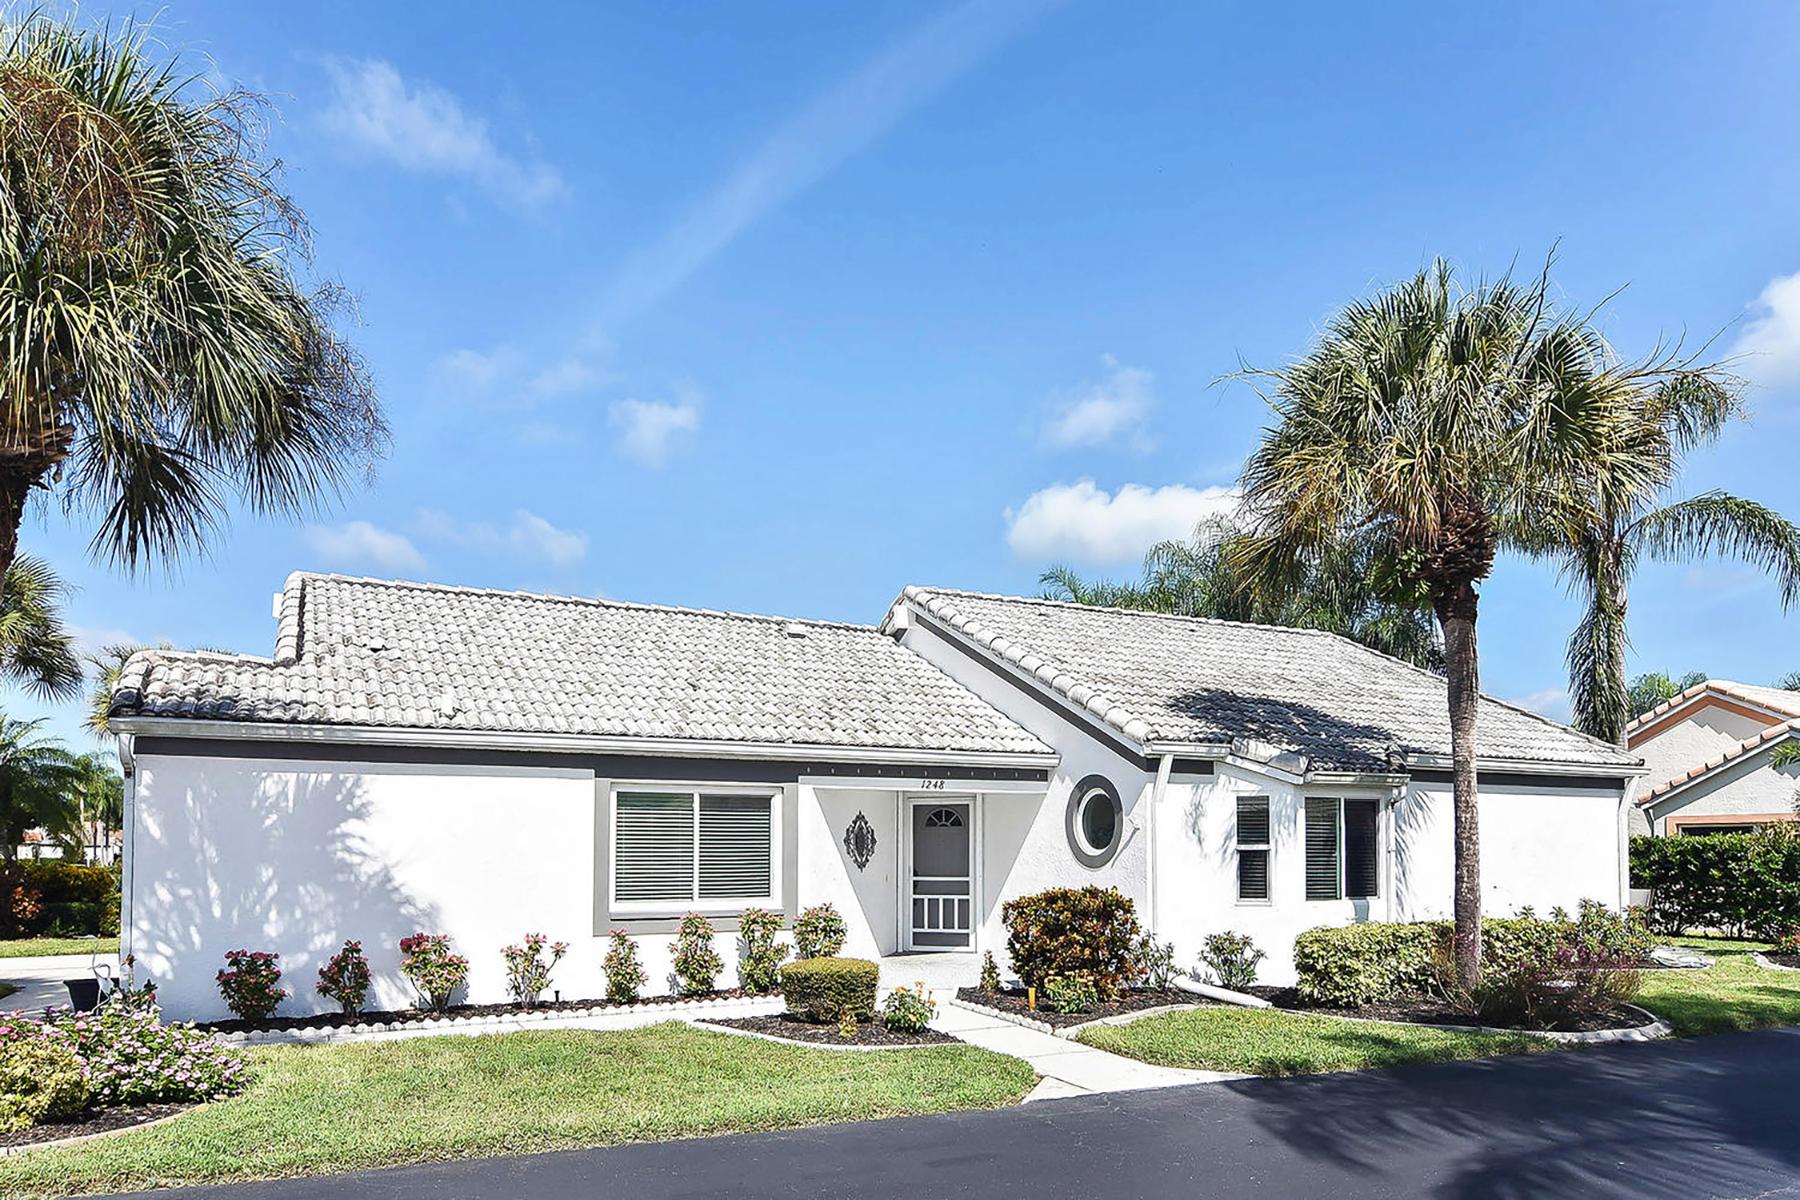 Property のために 売買 アット PALM VILLAS 1248 Capri Isles Blvd , 53, ベニス, フロリダ 34292 アメリカ